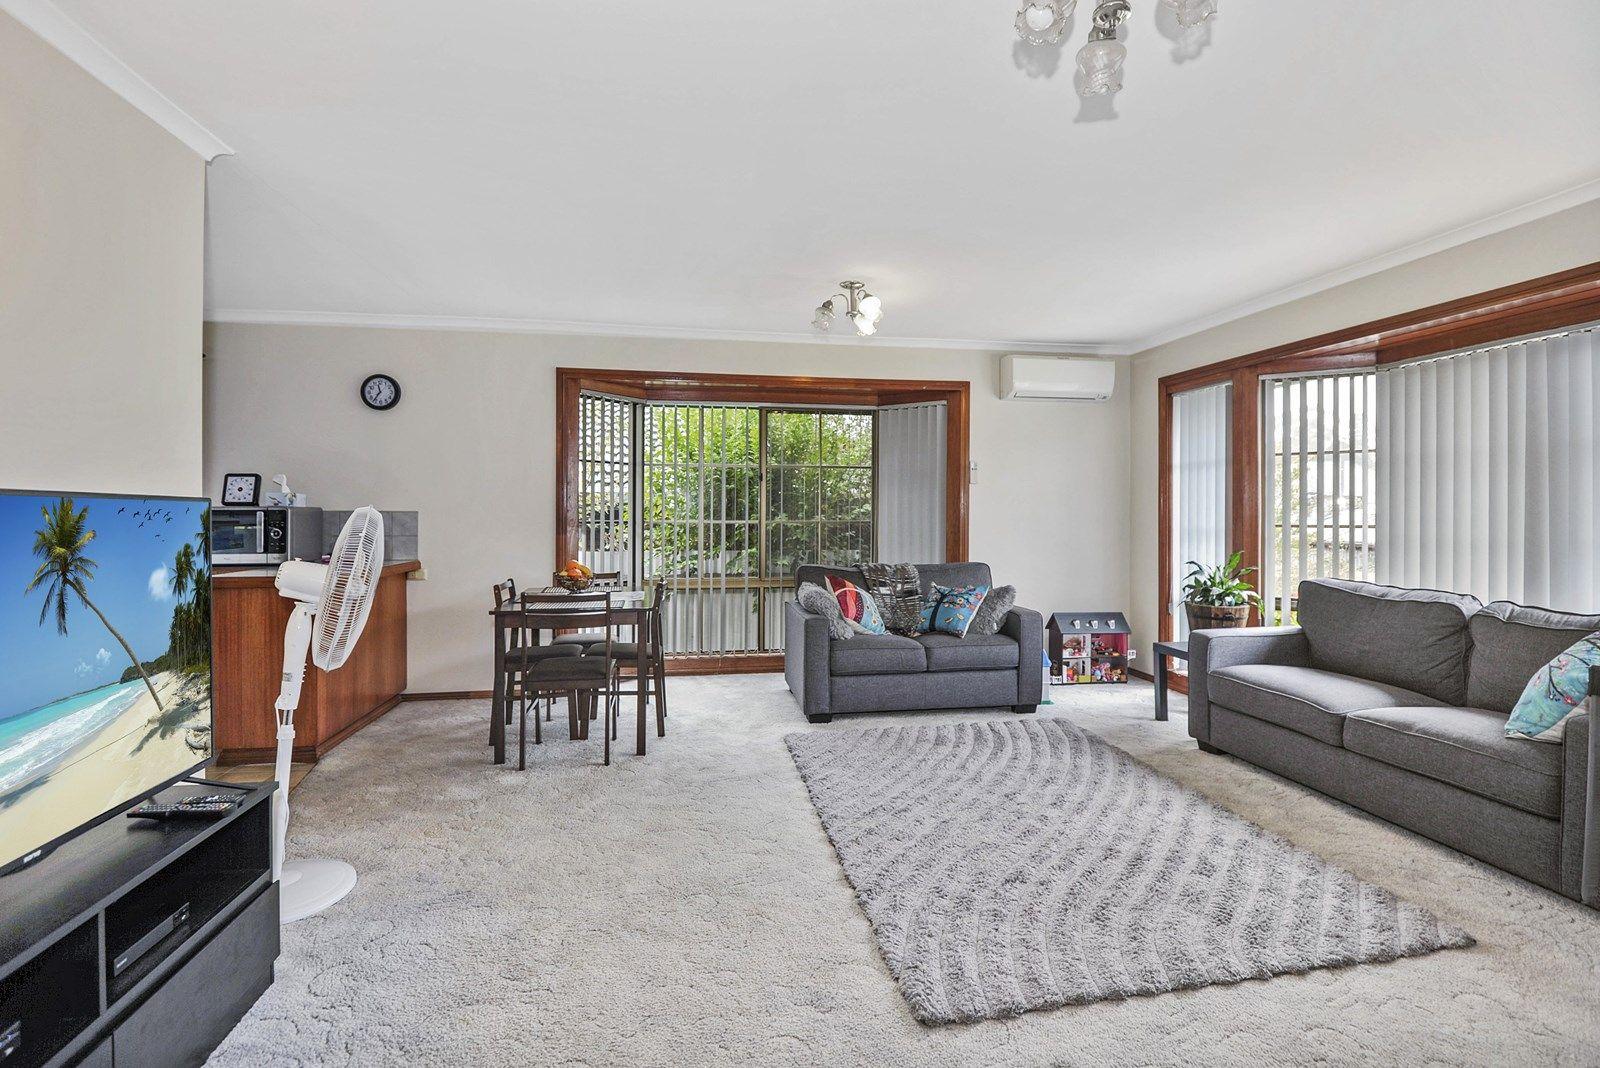 2/405 Eureka Street, Ballarat Central VIC 3350, Image 1